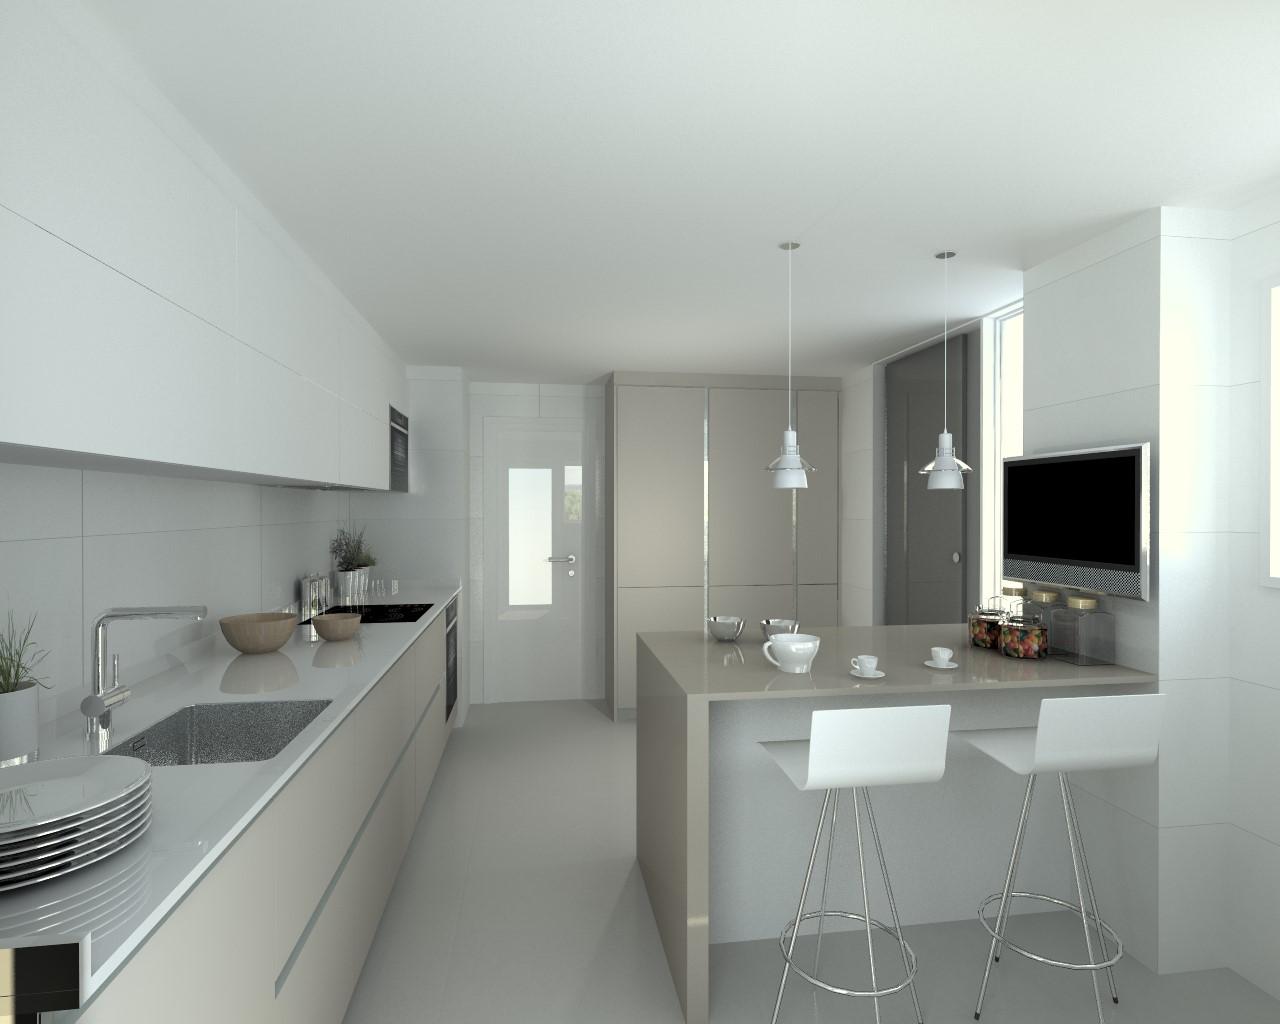 Cocinas blanca y gris gallery of cocina blanca gris - Cocinas grises con encimera blanca ...